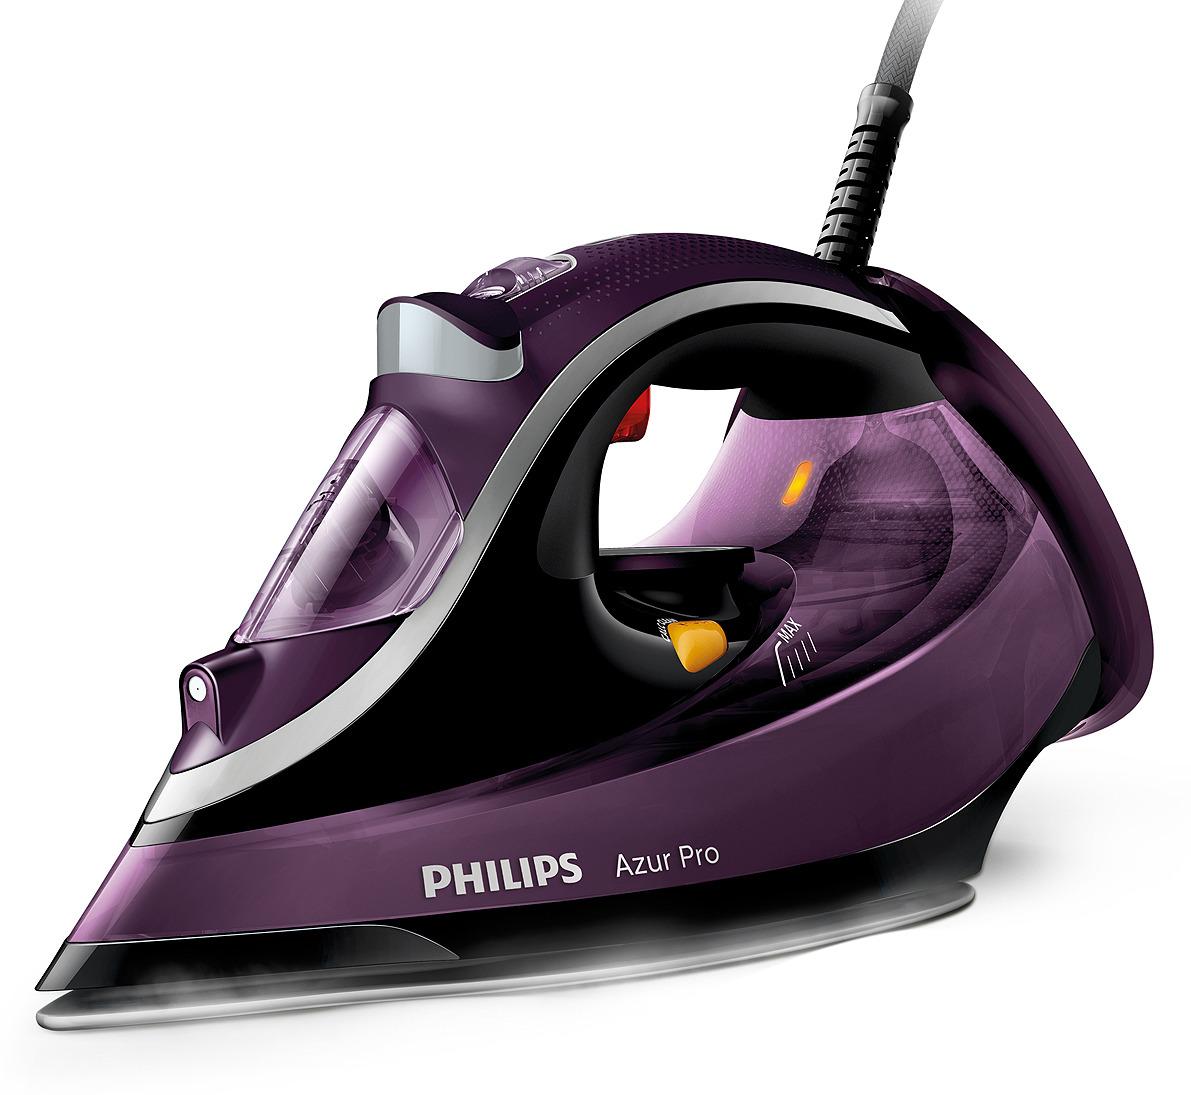 Утюг Philips Azur Pro GC4887/30, паровой,  увеличенным резервуаром, фиолетовый, черный